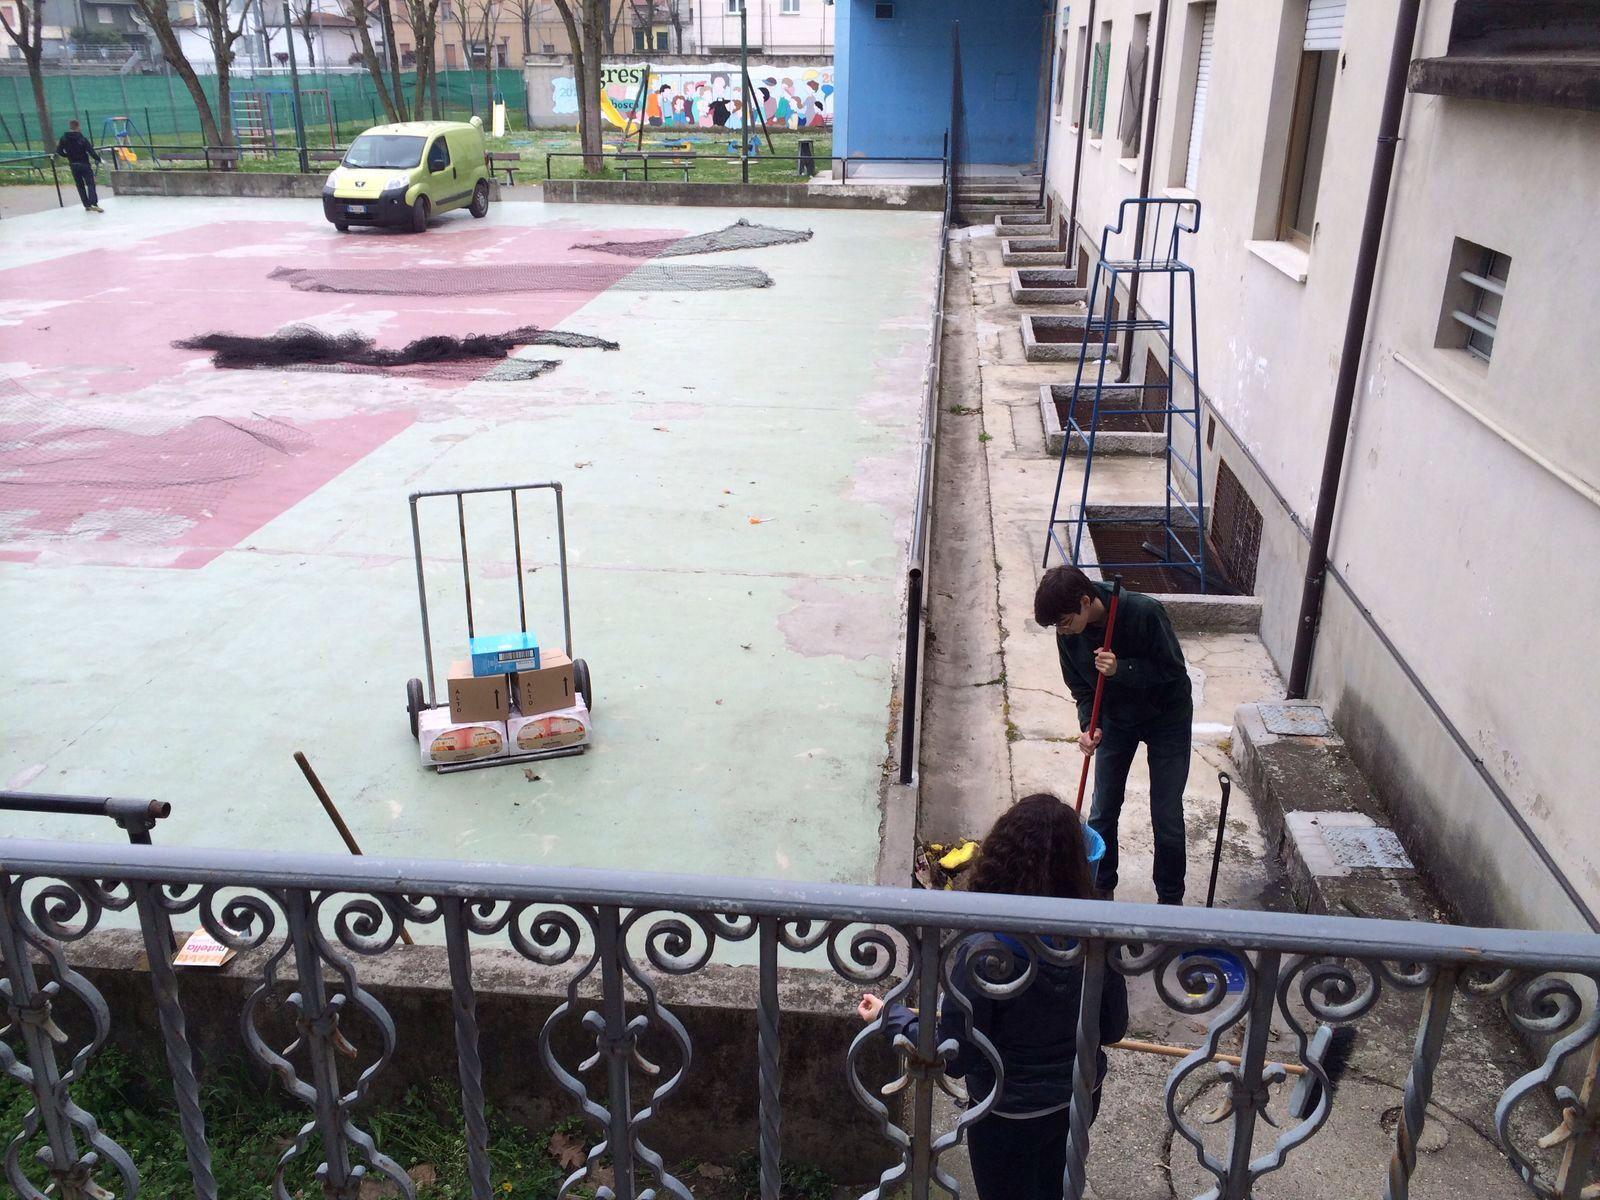 I giovani del Gruppo novizi dell'AGESCI impegnati nelle pulizie dei cortili dell'Oratorio, un servizio prezioso da loro svolto ogni sabato mattina.